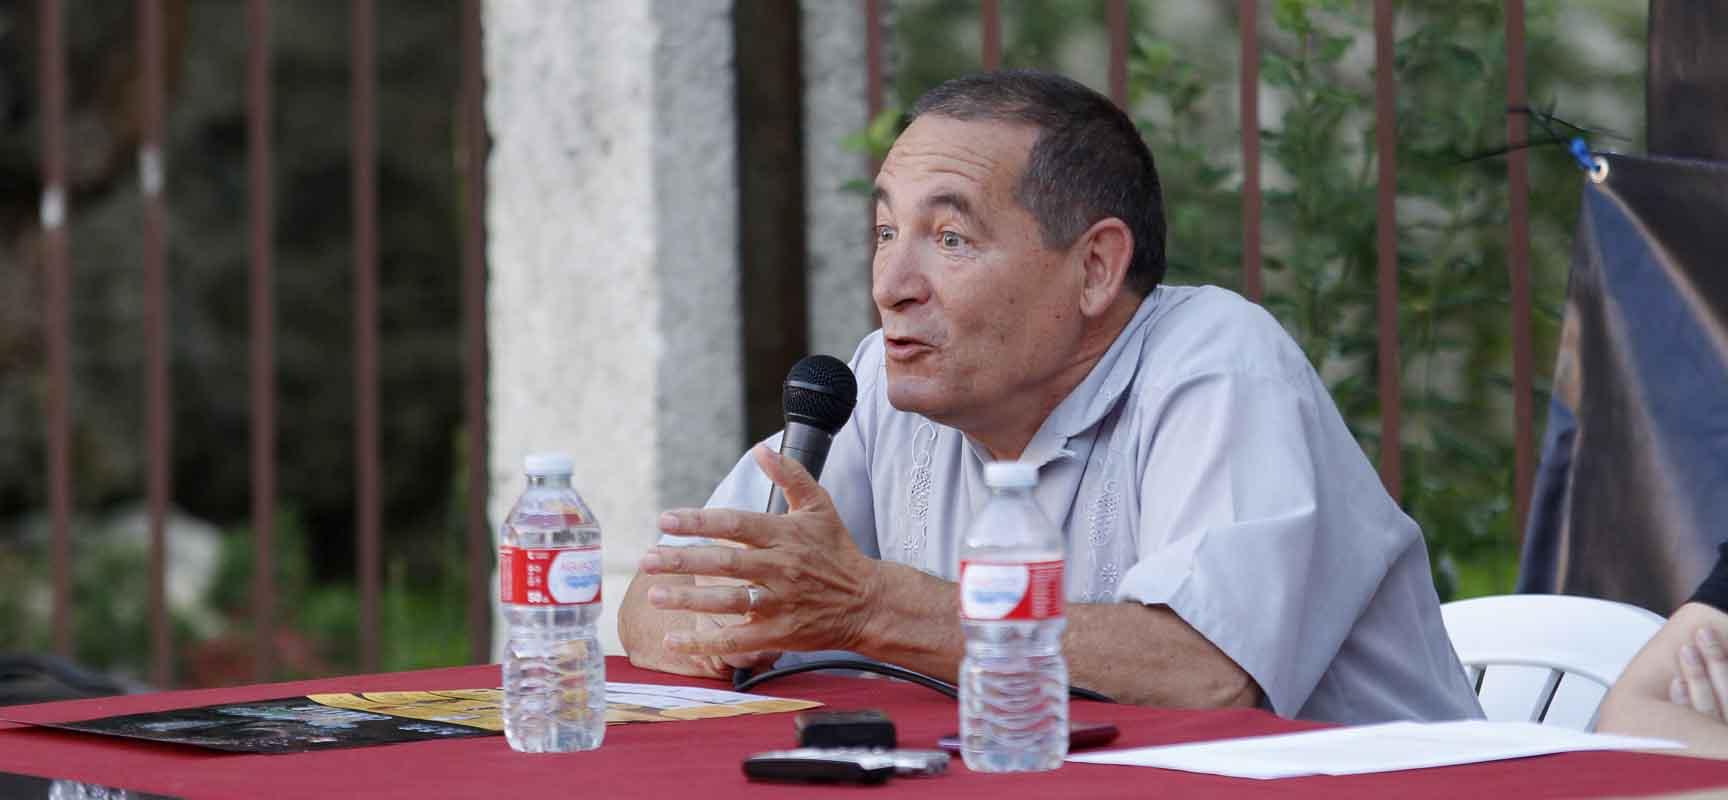 Julio Míchel demostró su entusiasmo por el mundo de los títeres